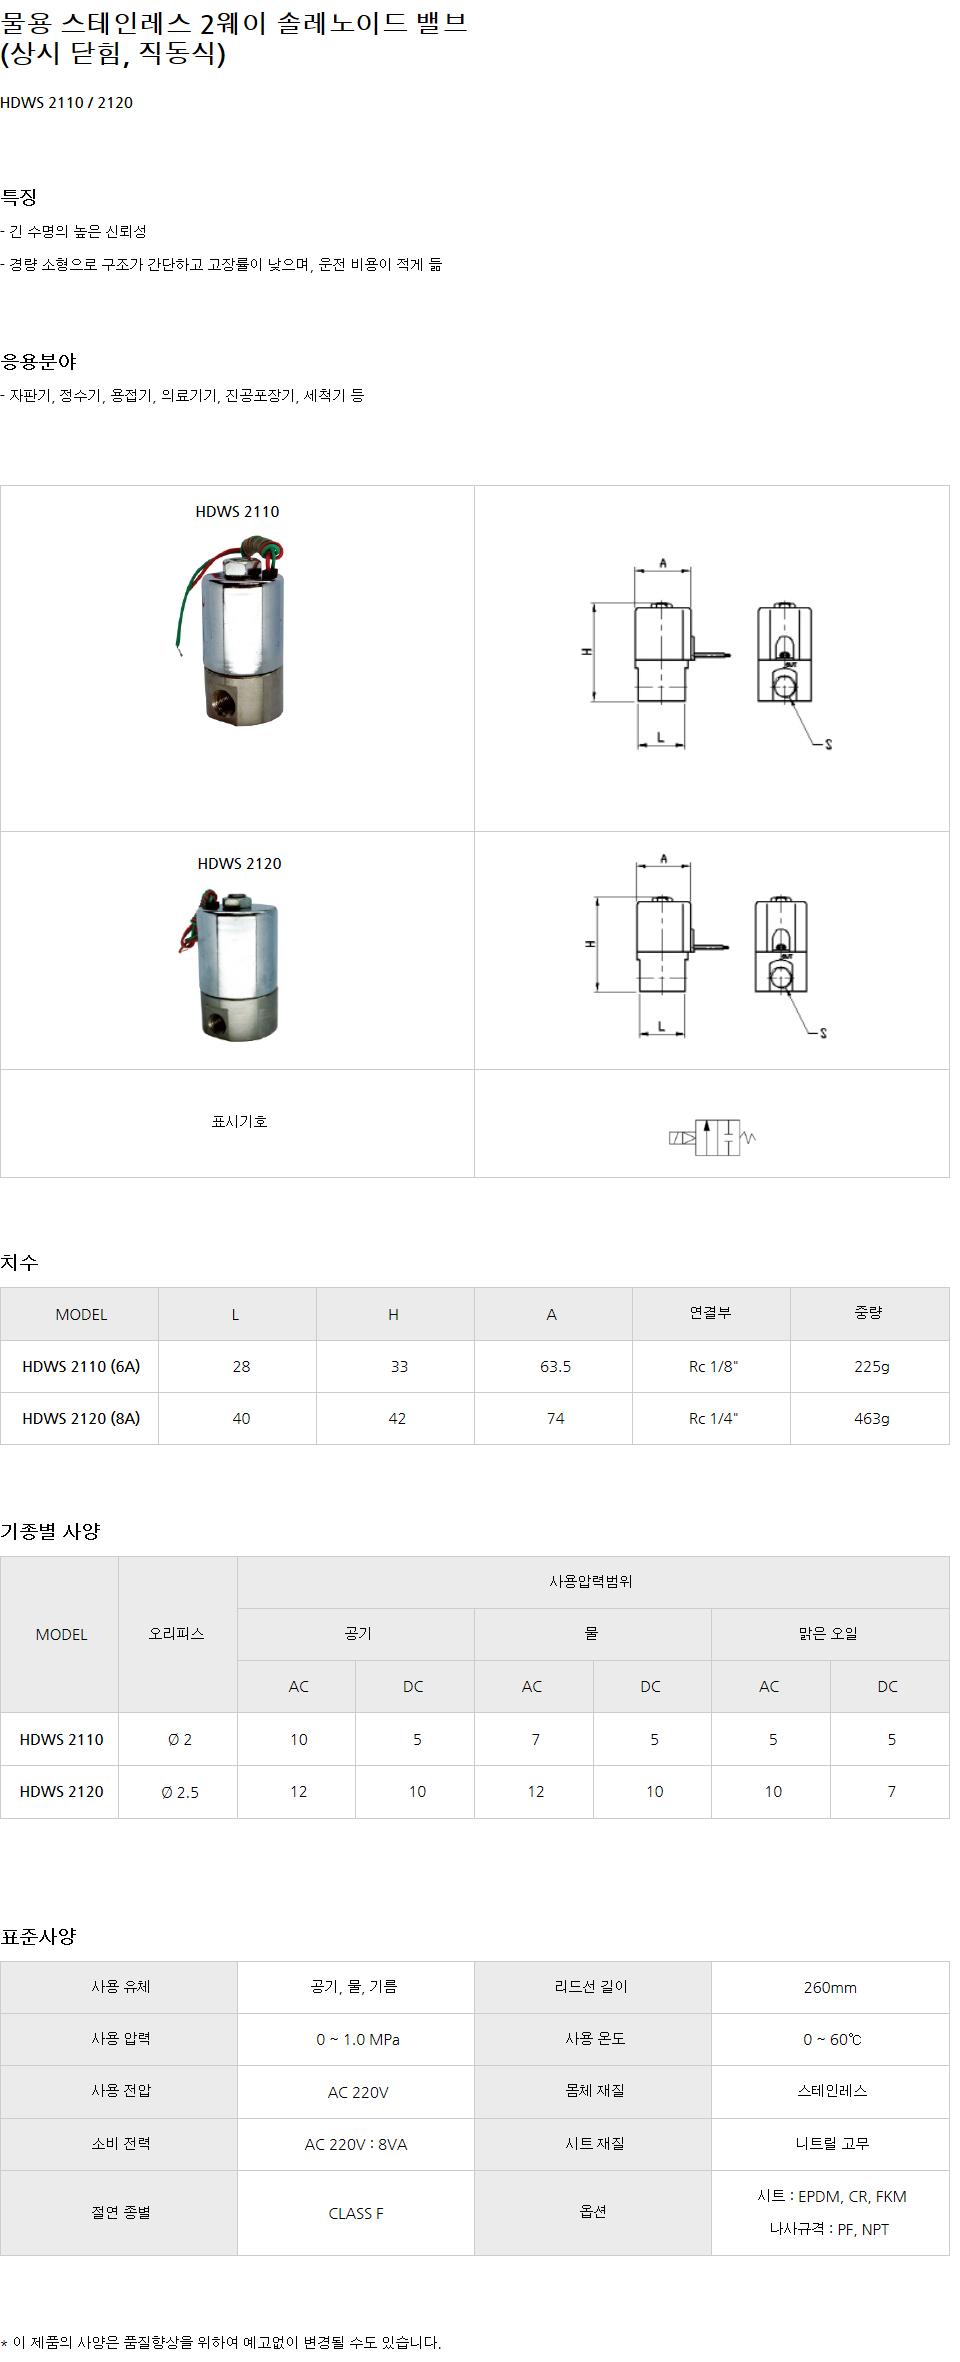 (주)효신 물용 2웨이 솔레노이드 밸브 (상시닫힘, 직동식)  7